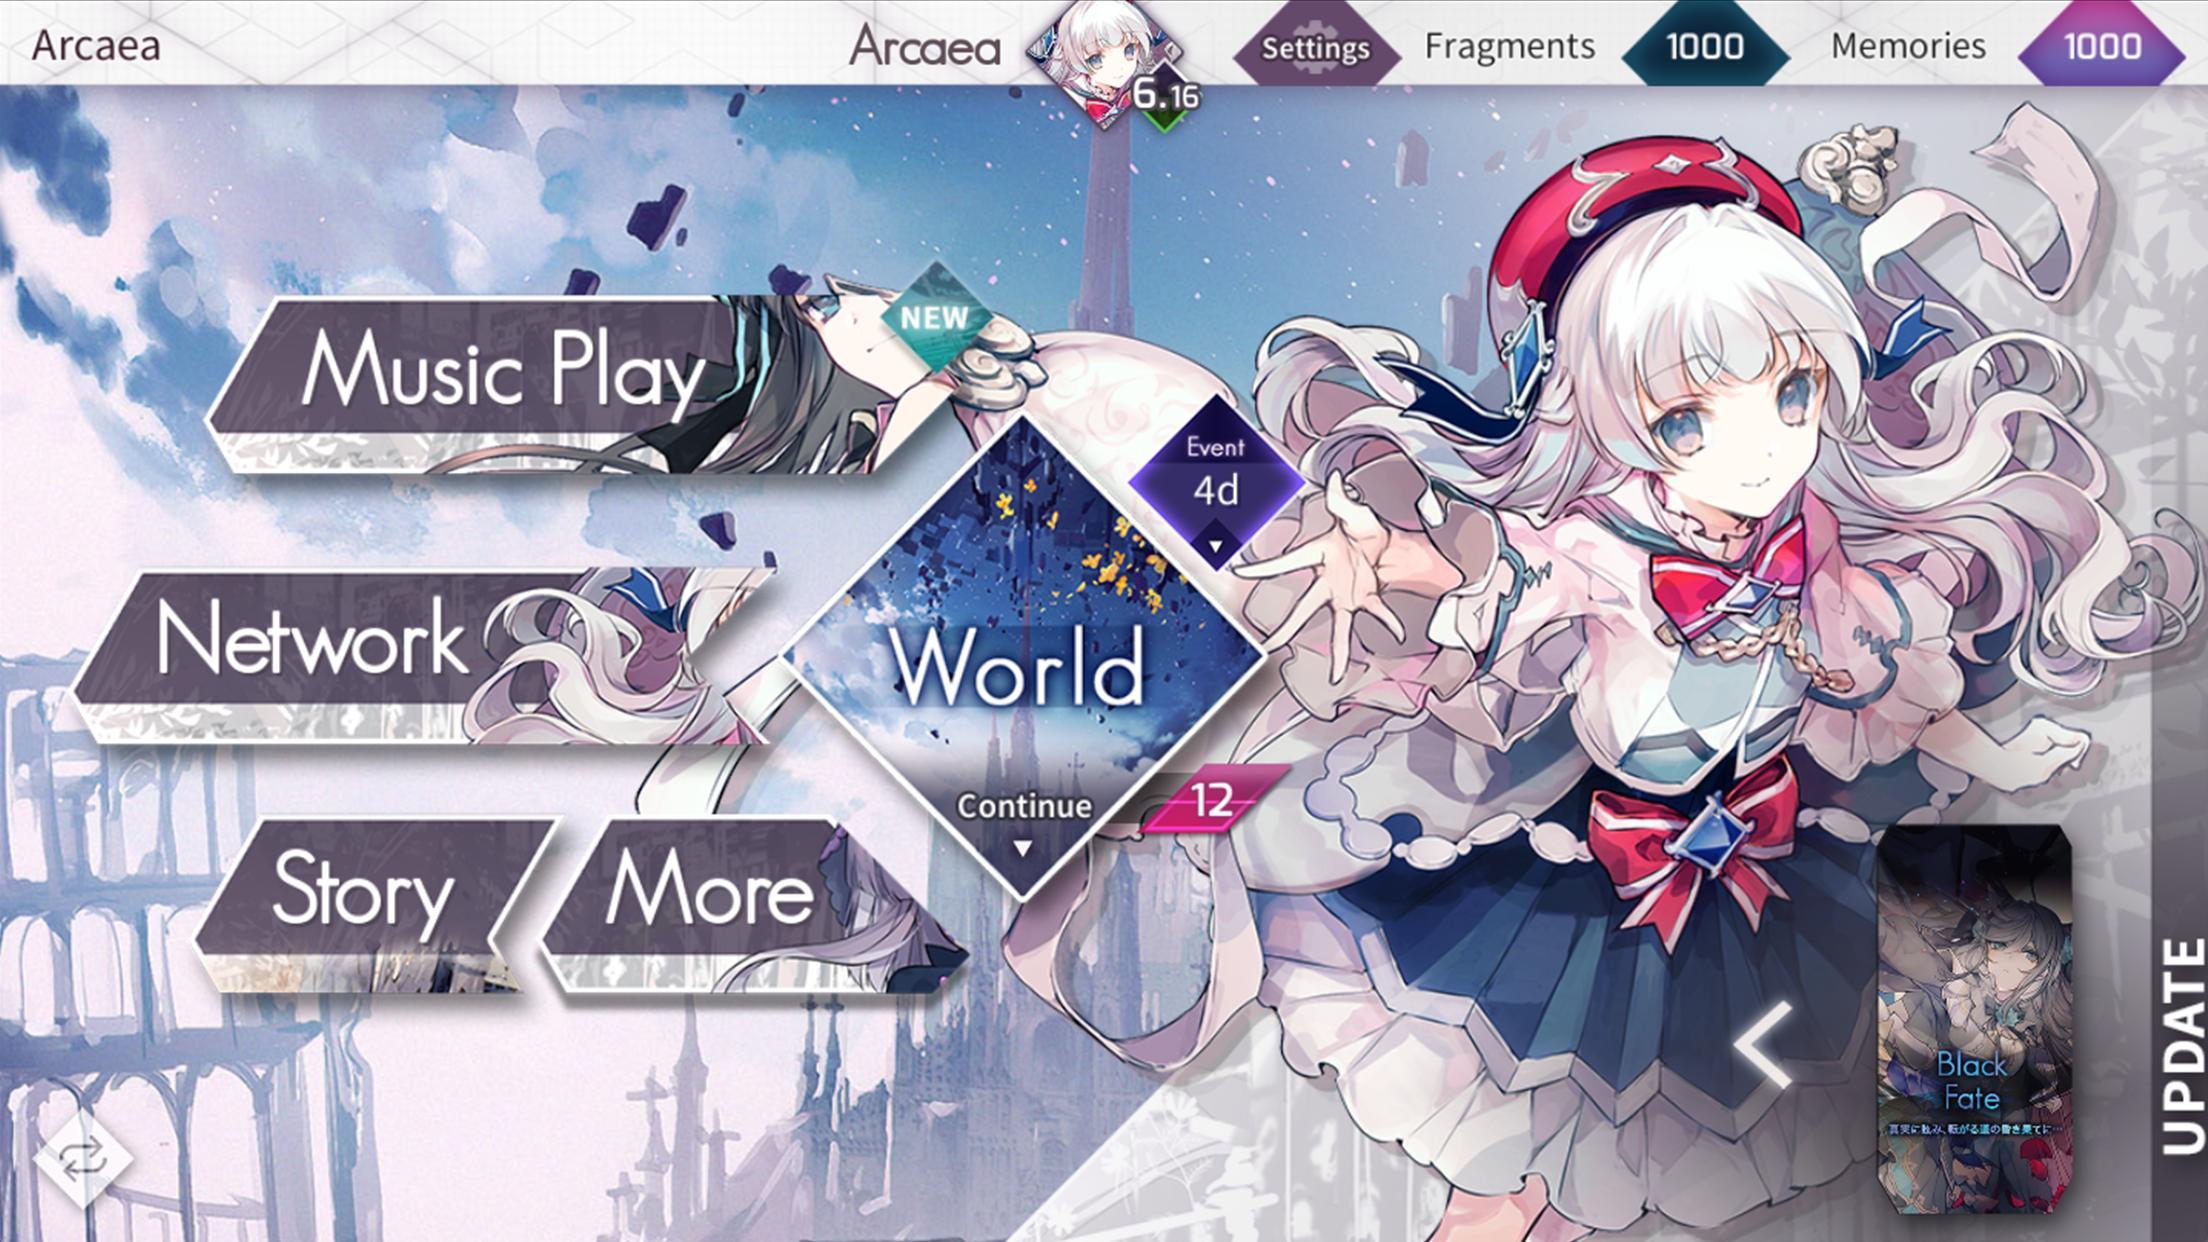 Arcaea New Dimension Rhythm Game 3.2.4 Screenshot 1